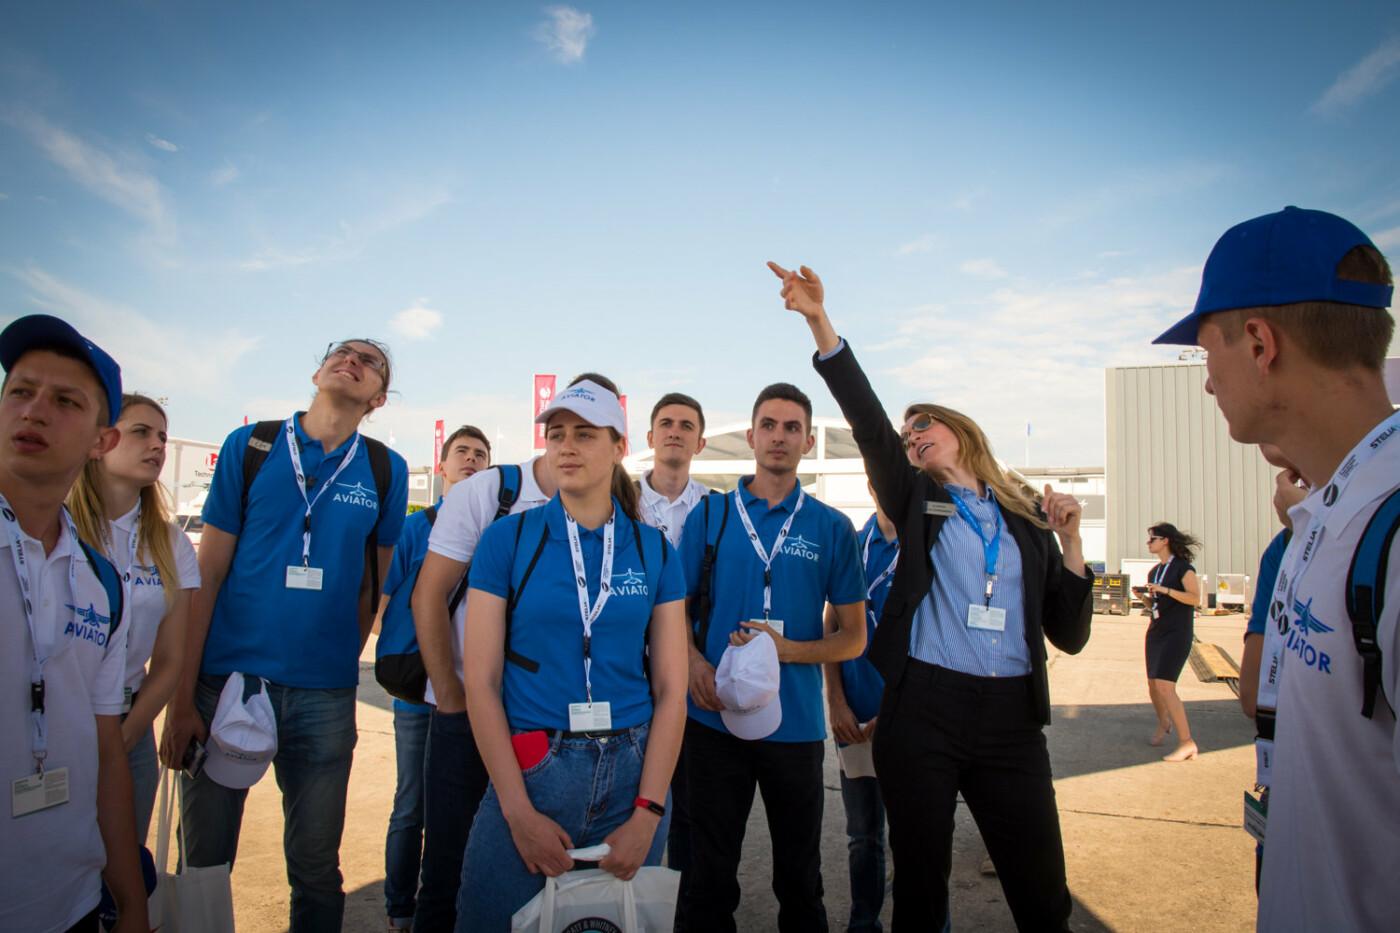 Десант Льотної академії висадився на престижному авіафорумі в Парижі: хто їм  допоміг туди потрапити?, фото-1